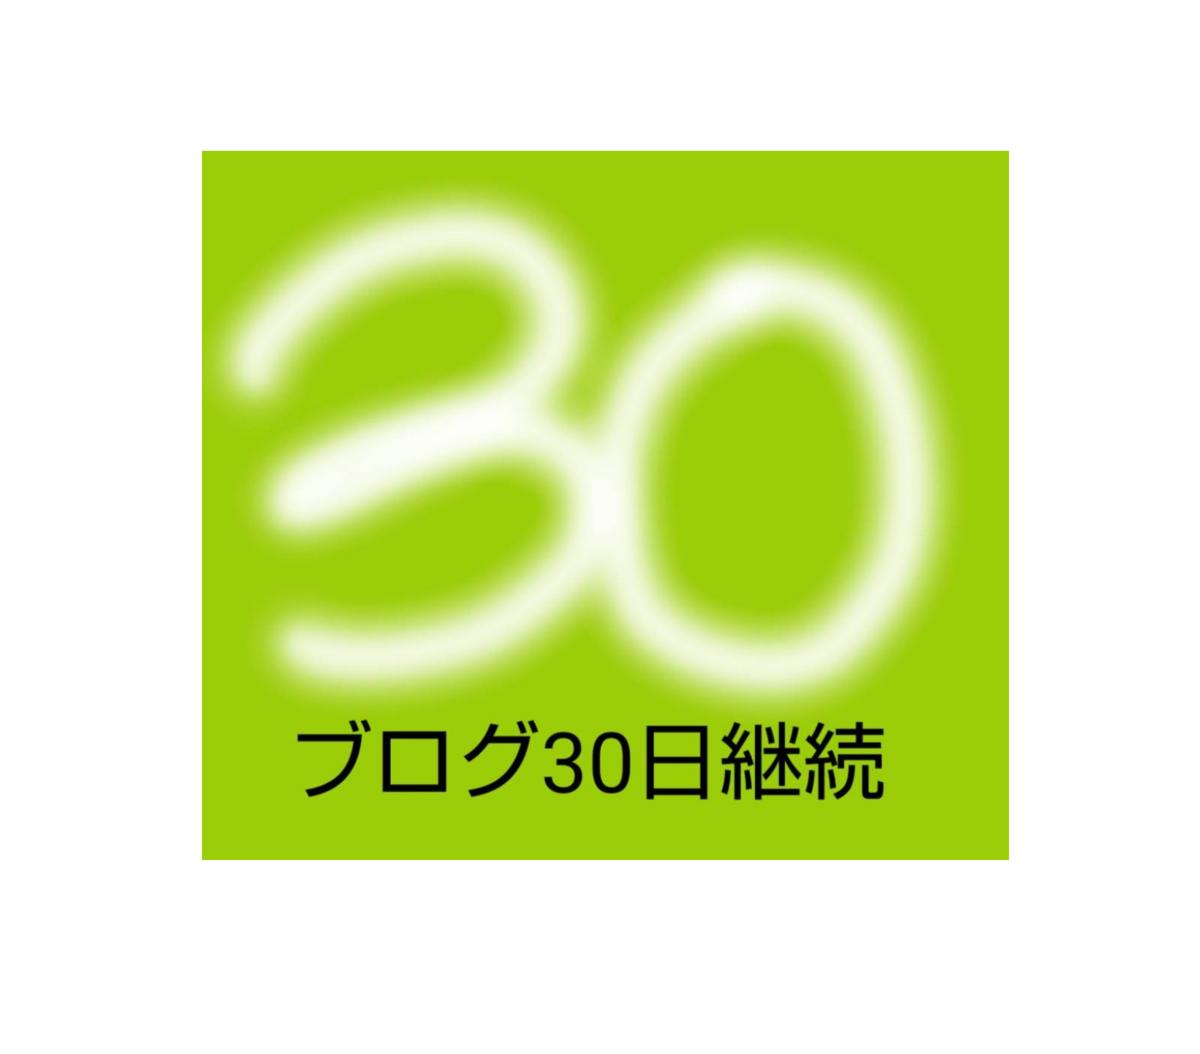 f:id:ryu3188:20190921225938p:plain